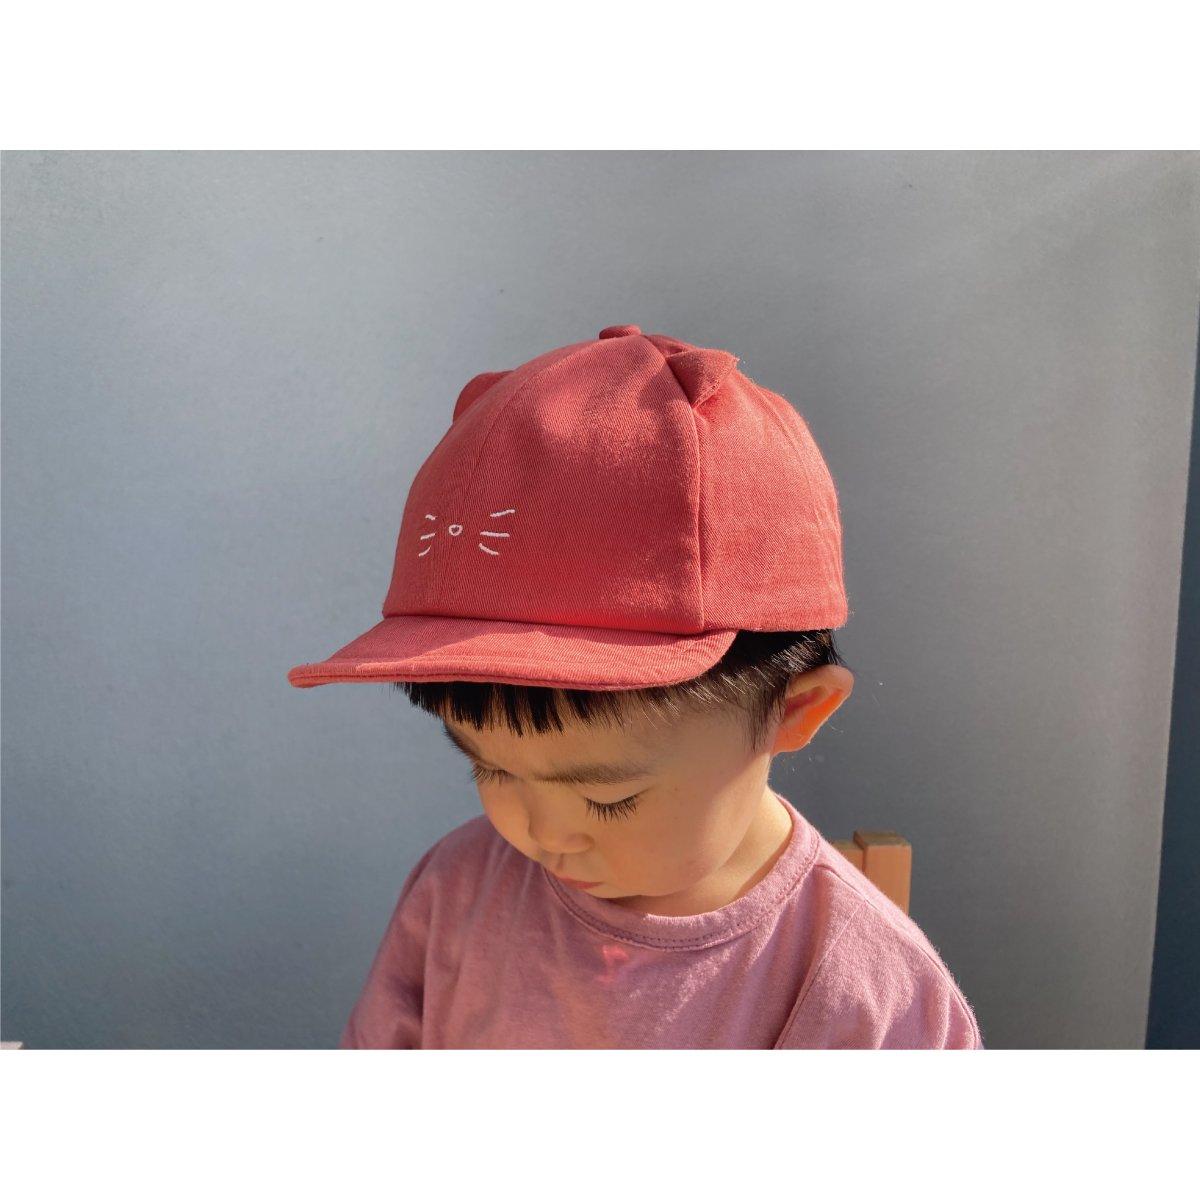 【KIDS】Cat Ear Cap 詳細画像22